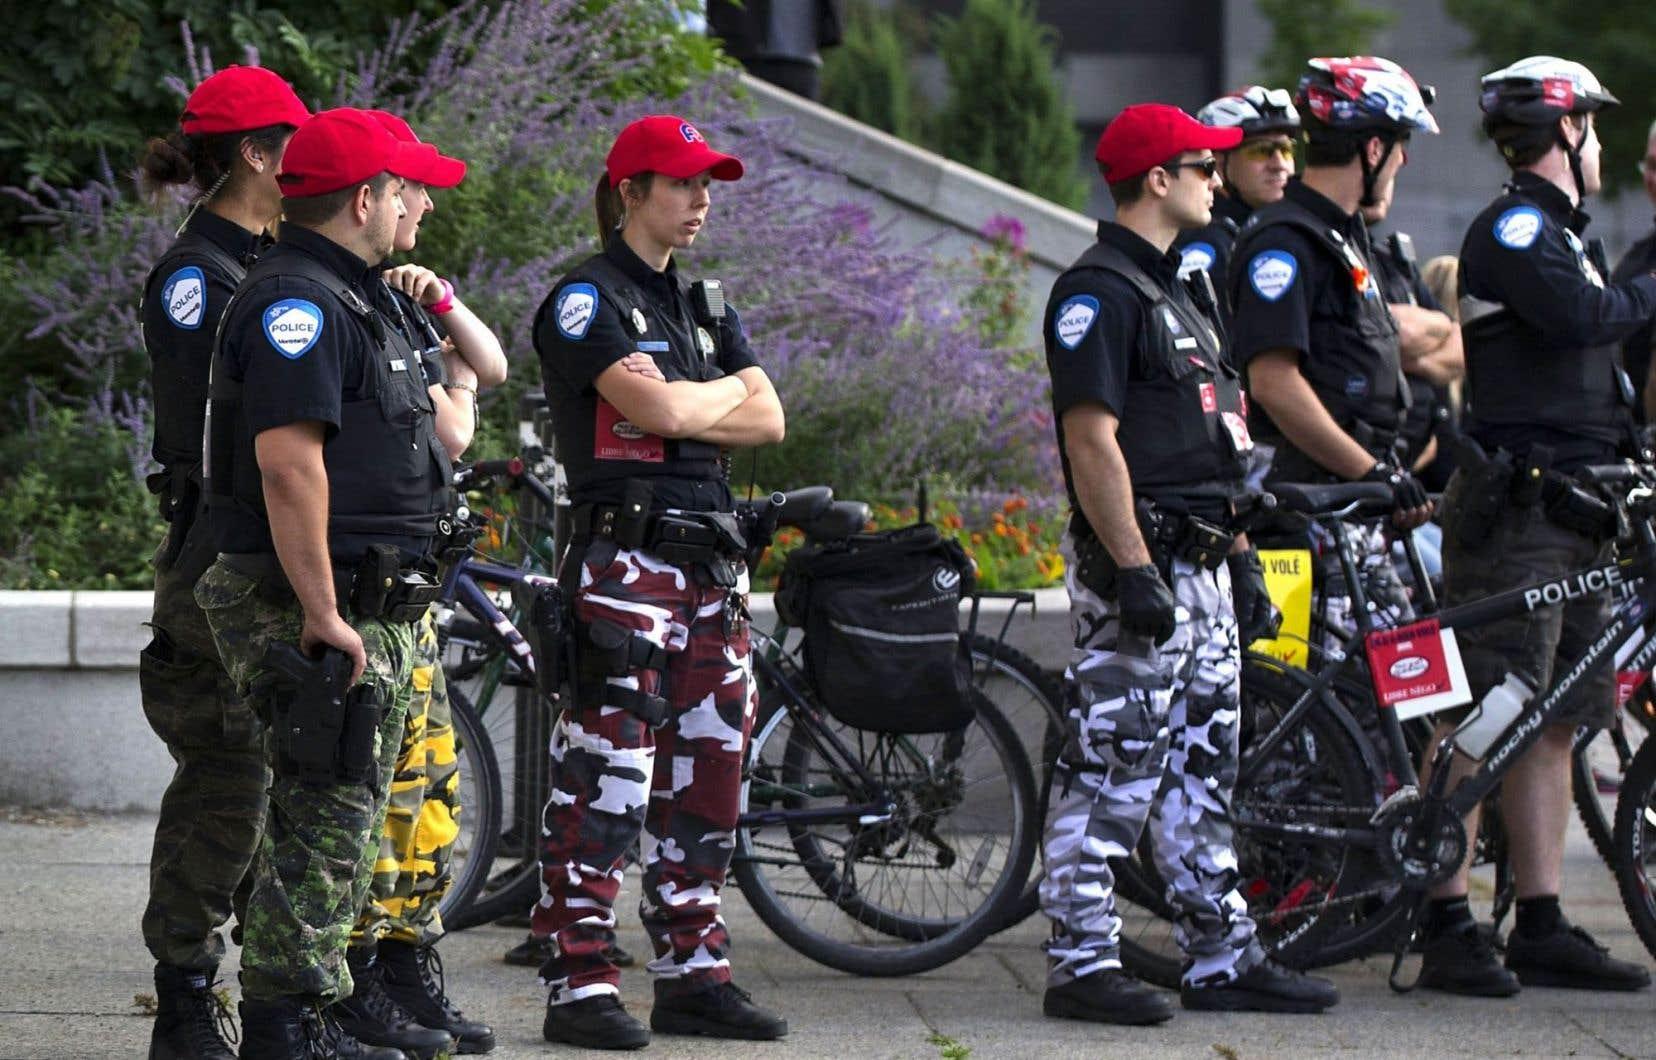 Depuis environ trois ans, les policiers portent des pantalons de camouflage pour protester contre la loi qui a imposé des changements à leur régime de retraite.